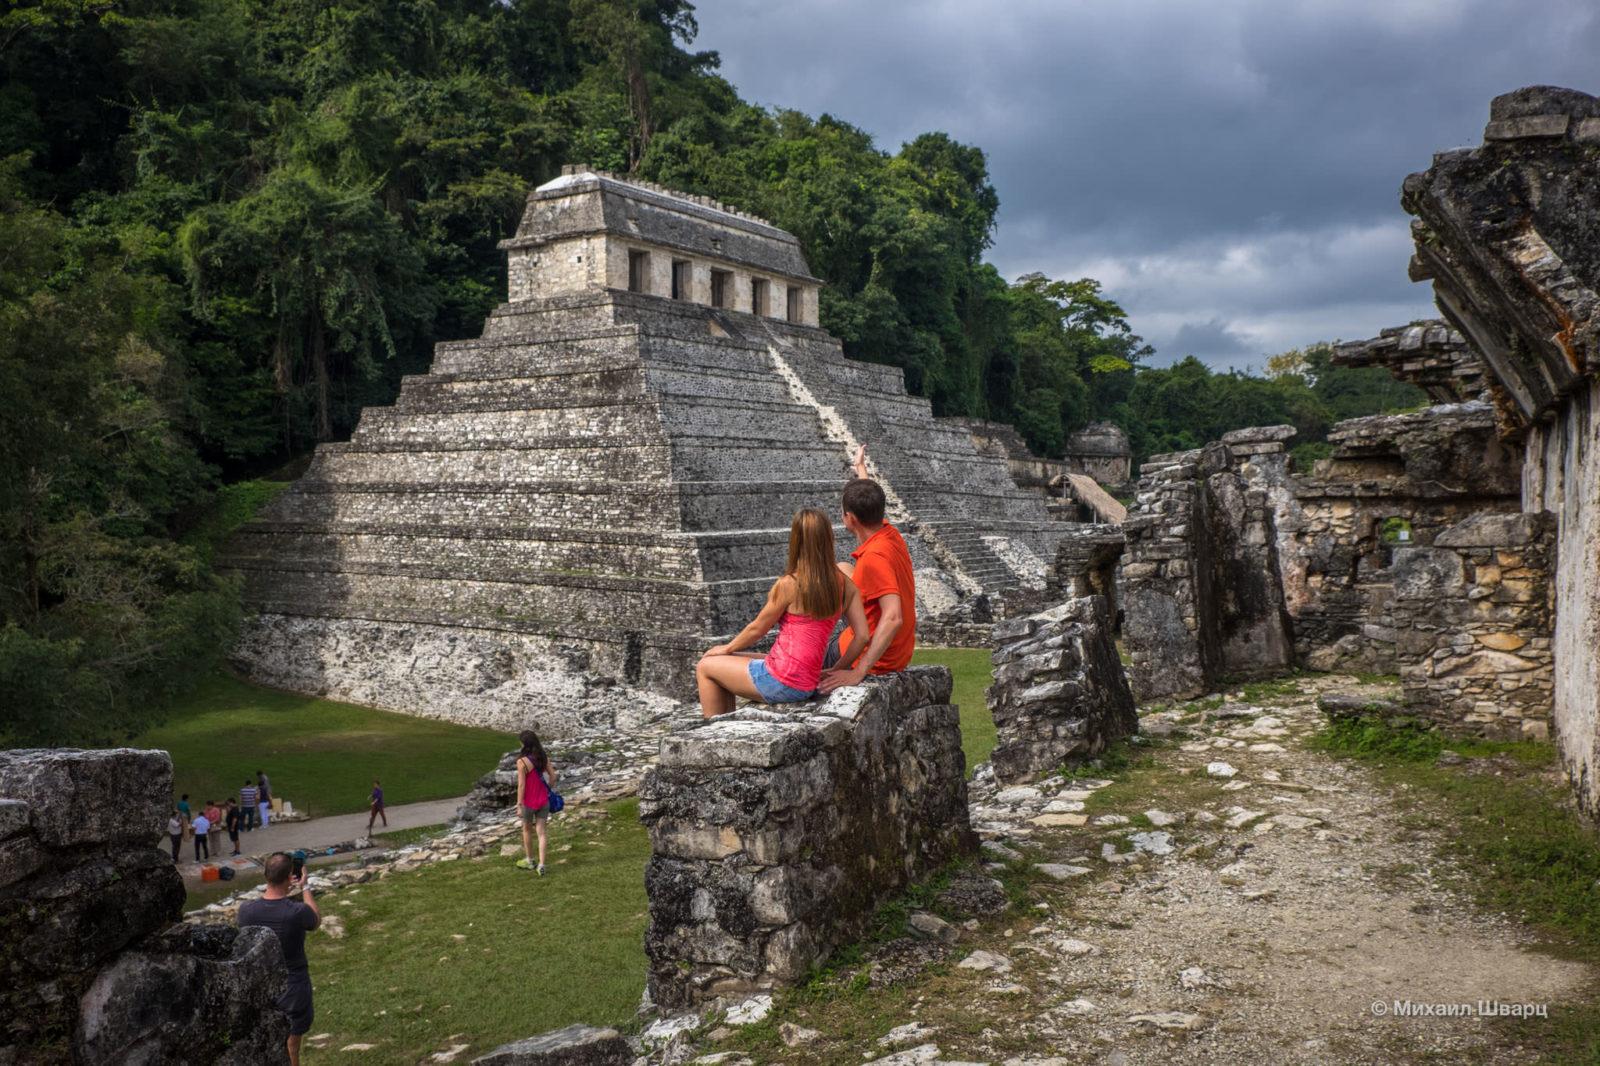 Храм надписей (Templo de las Inscripciones Group)